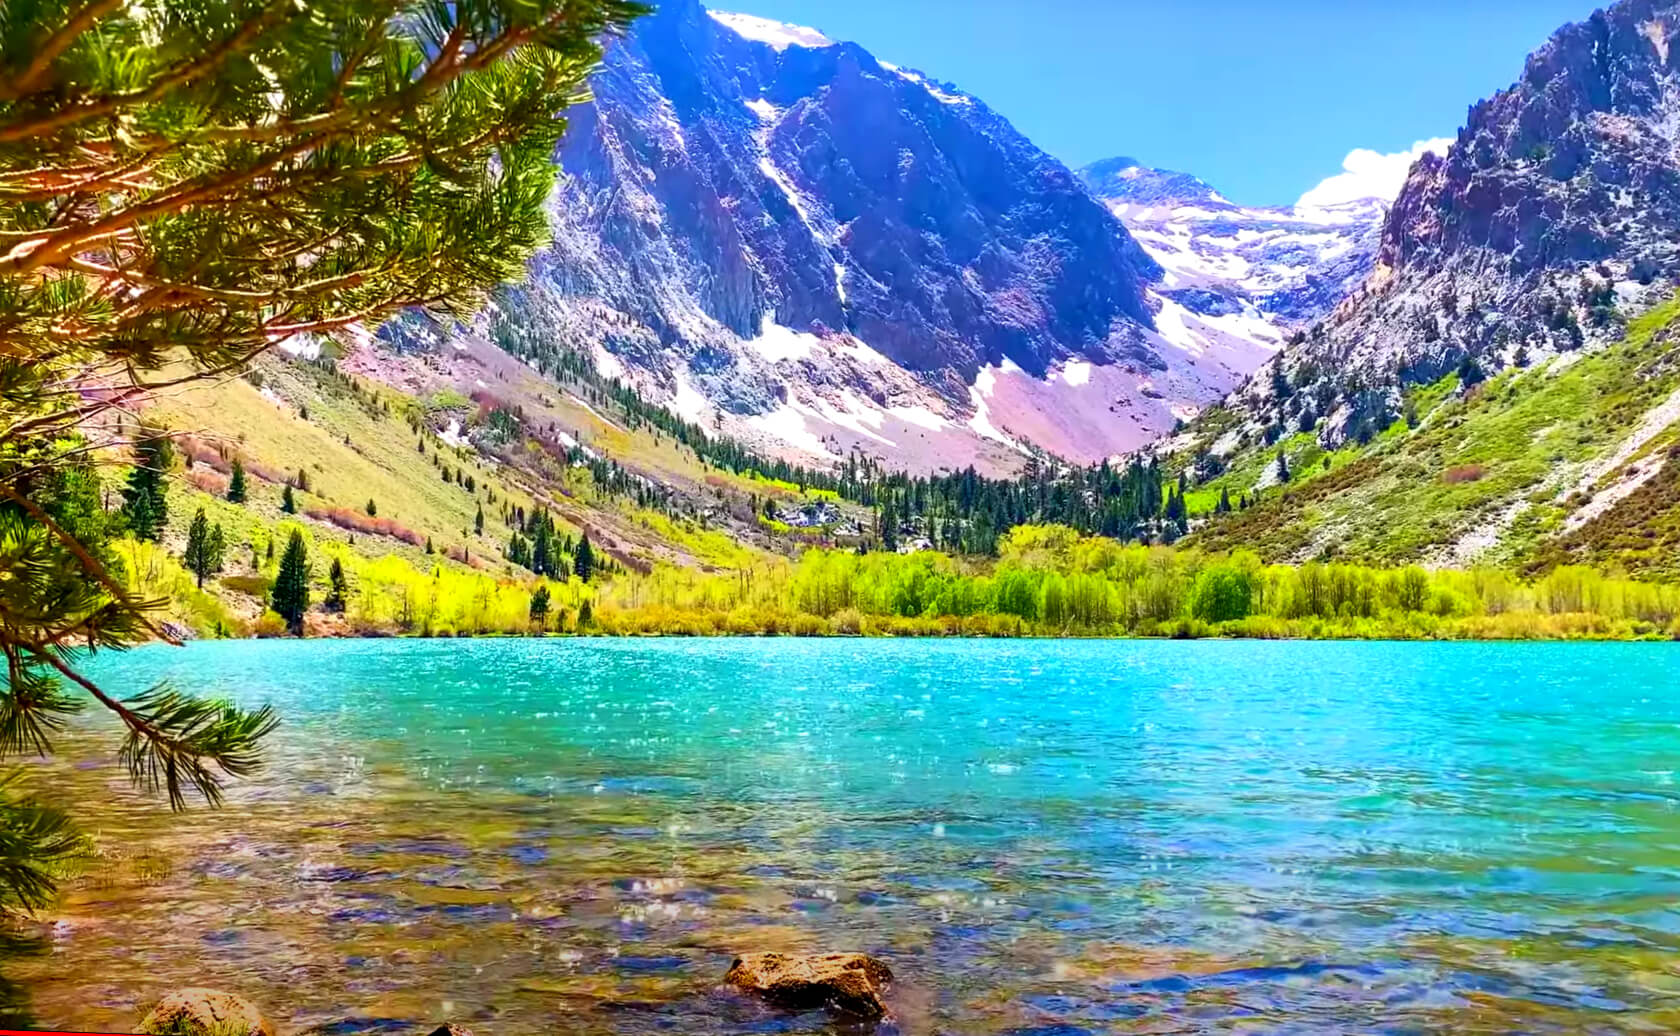 June-Lake-Fishing-Guide-Report-California-03